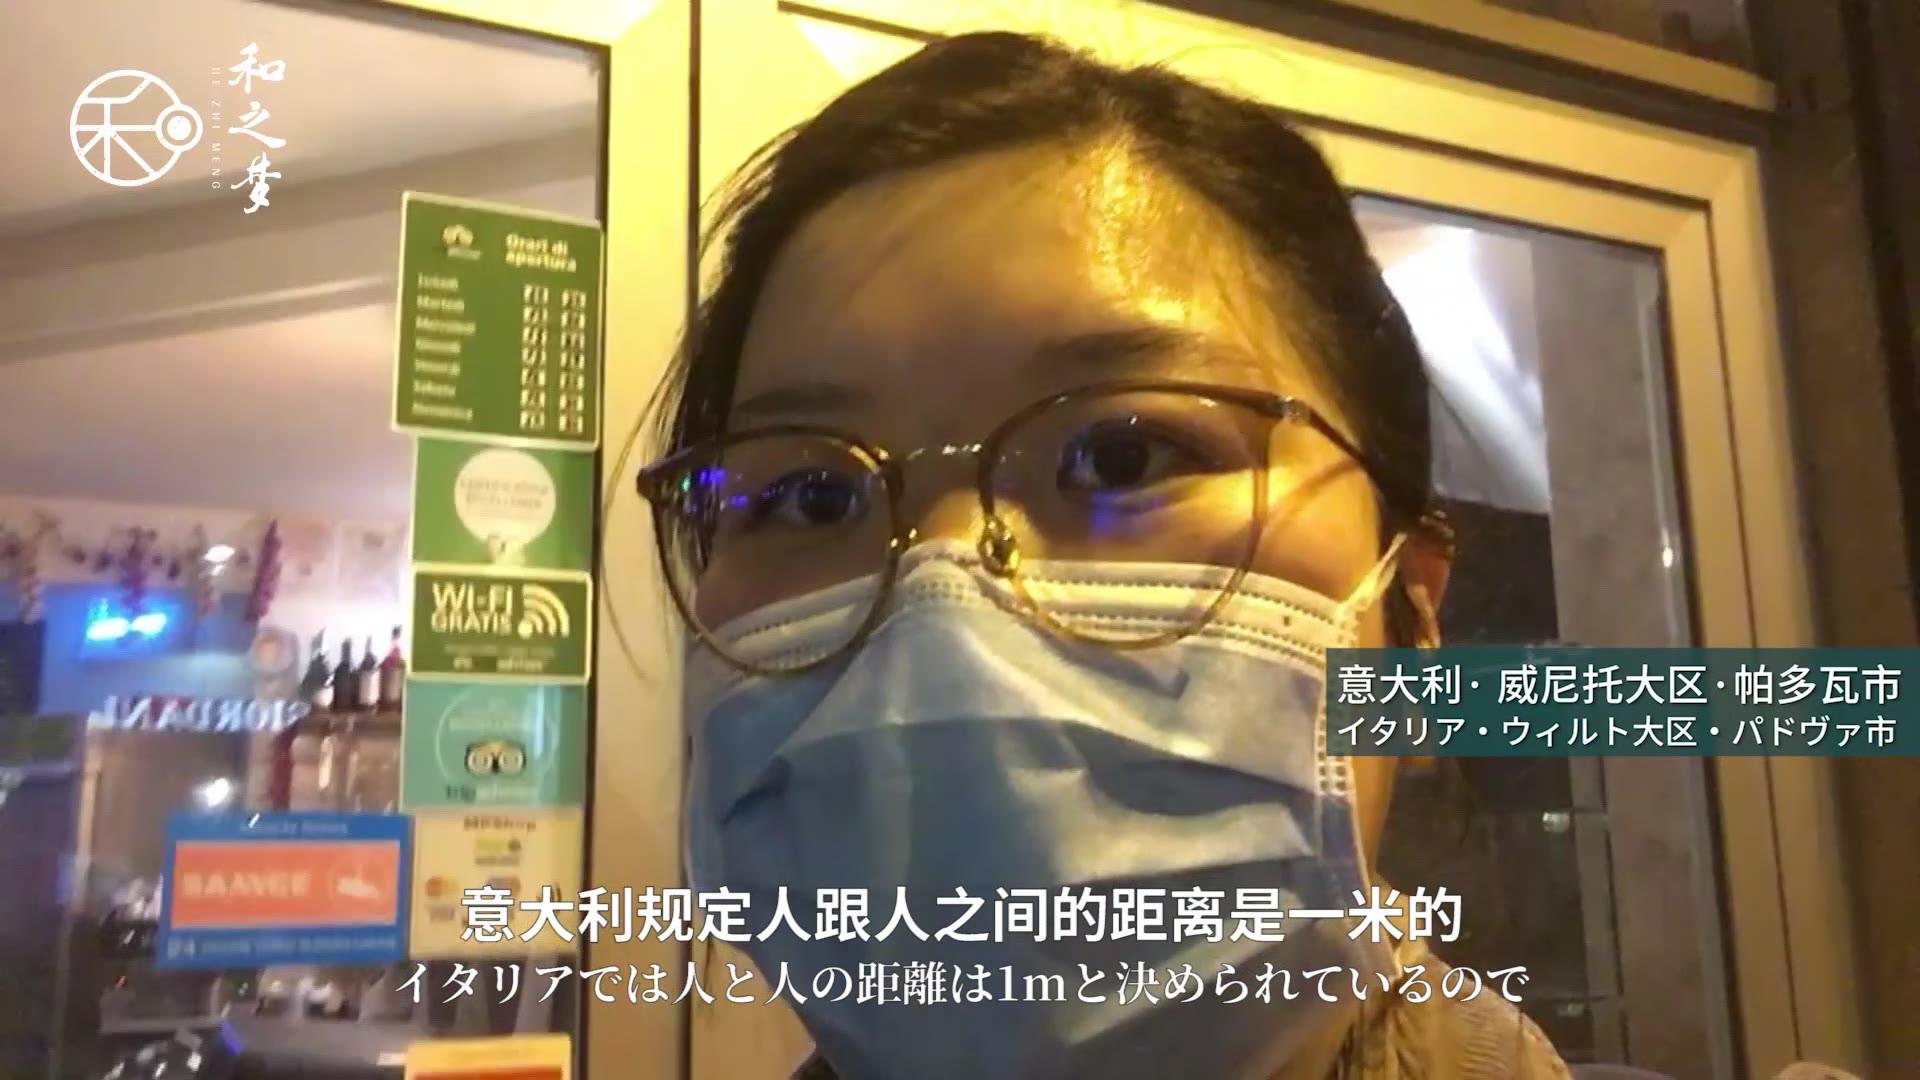 """海外粉丝们镜头下的""""疫情日记"""",国外的疫情究竟怎样了?"""